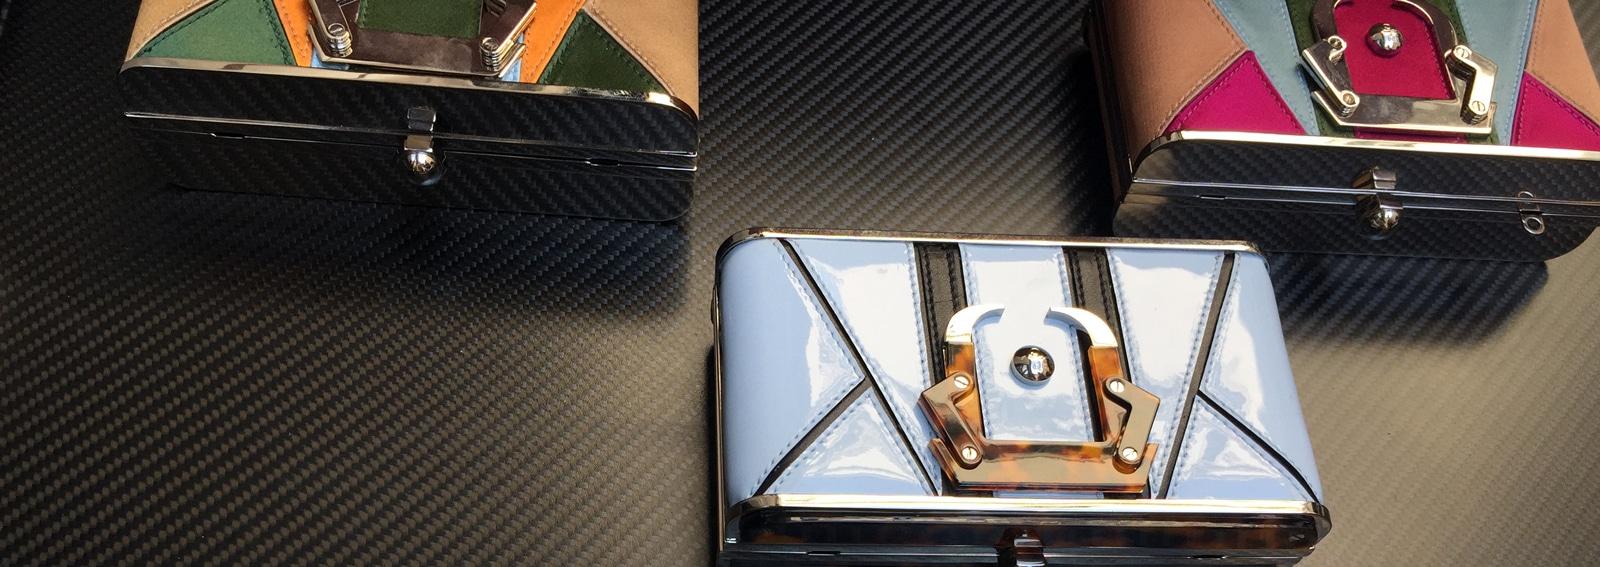 desktop-borse-pe17-milano